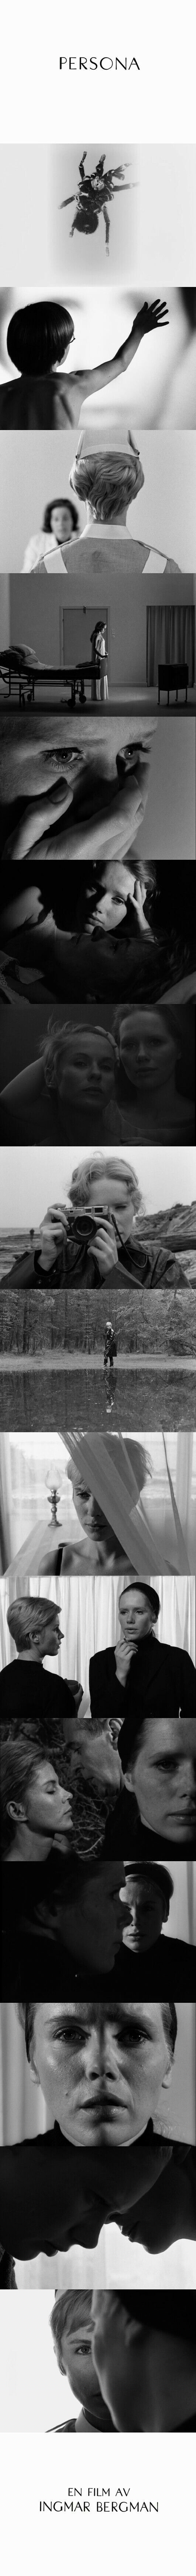 Cenas do filme Persona, de Ingmar Bergman. 10 filmes sobre a perda da identidade. O cinema disposto em todas as suas formas. Análises desde os clássicos até as novidades que permeiam a sétima arte. Críticas de filmes e matérias especiais todos os dias. #f